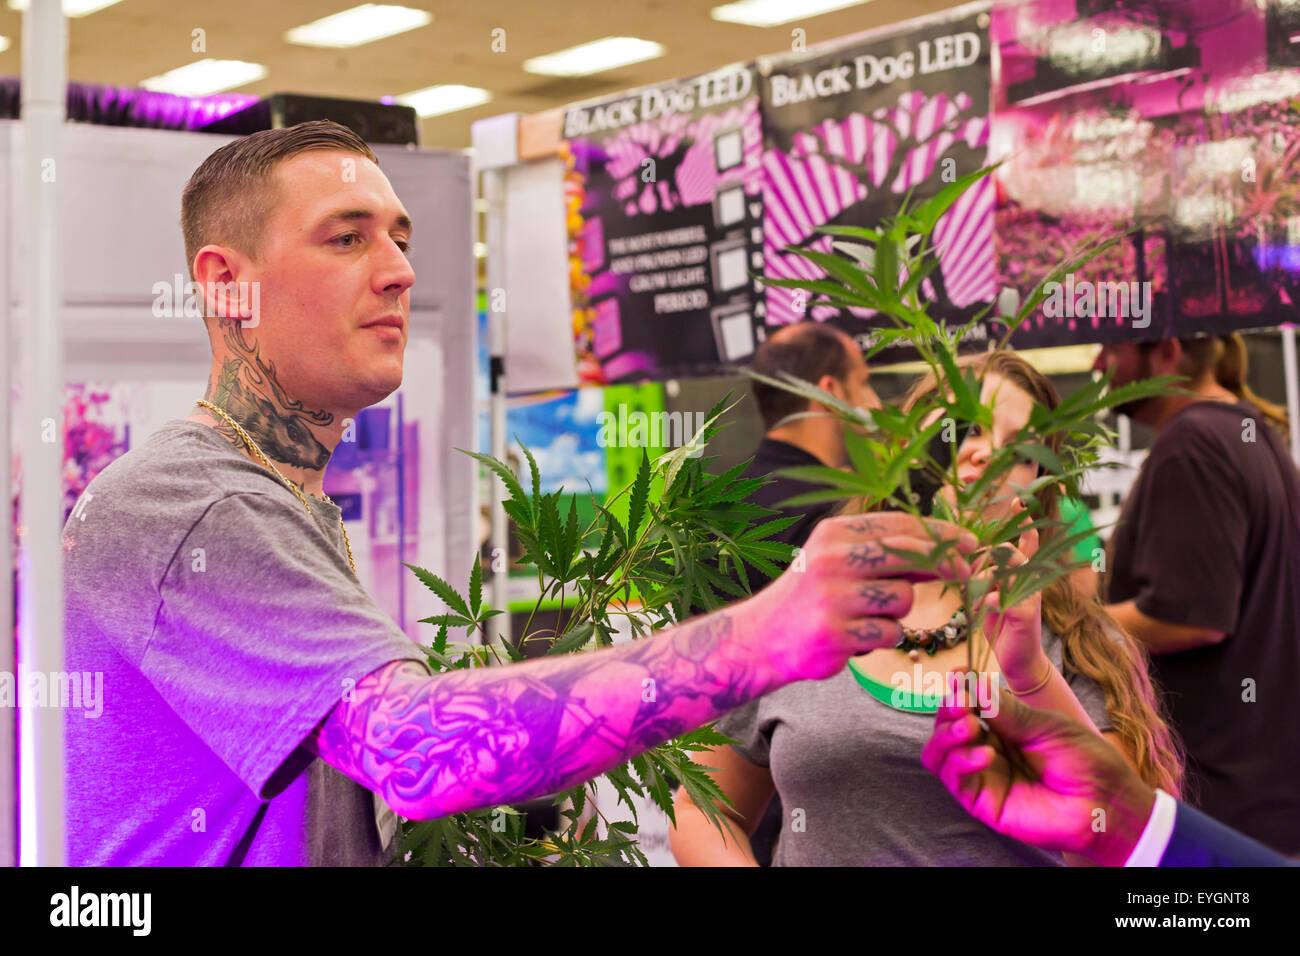 Denver, Colorado - A seller of grow lights at INDO Expo, a marijuana trade show. Stock Photo